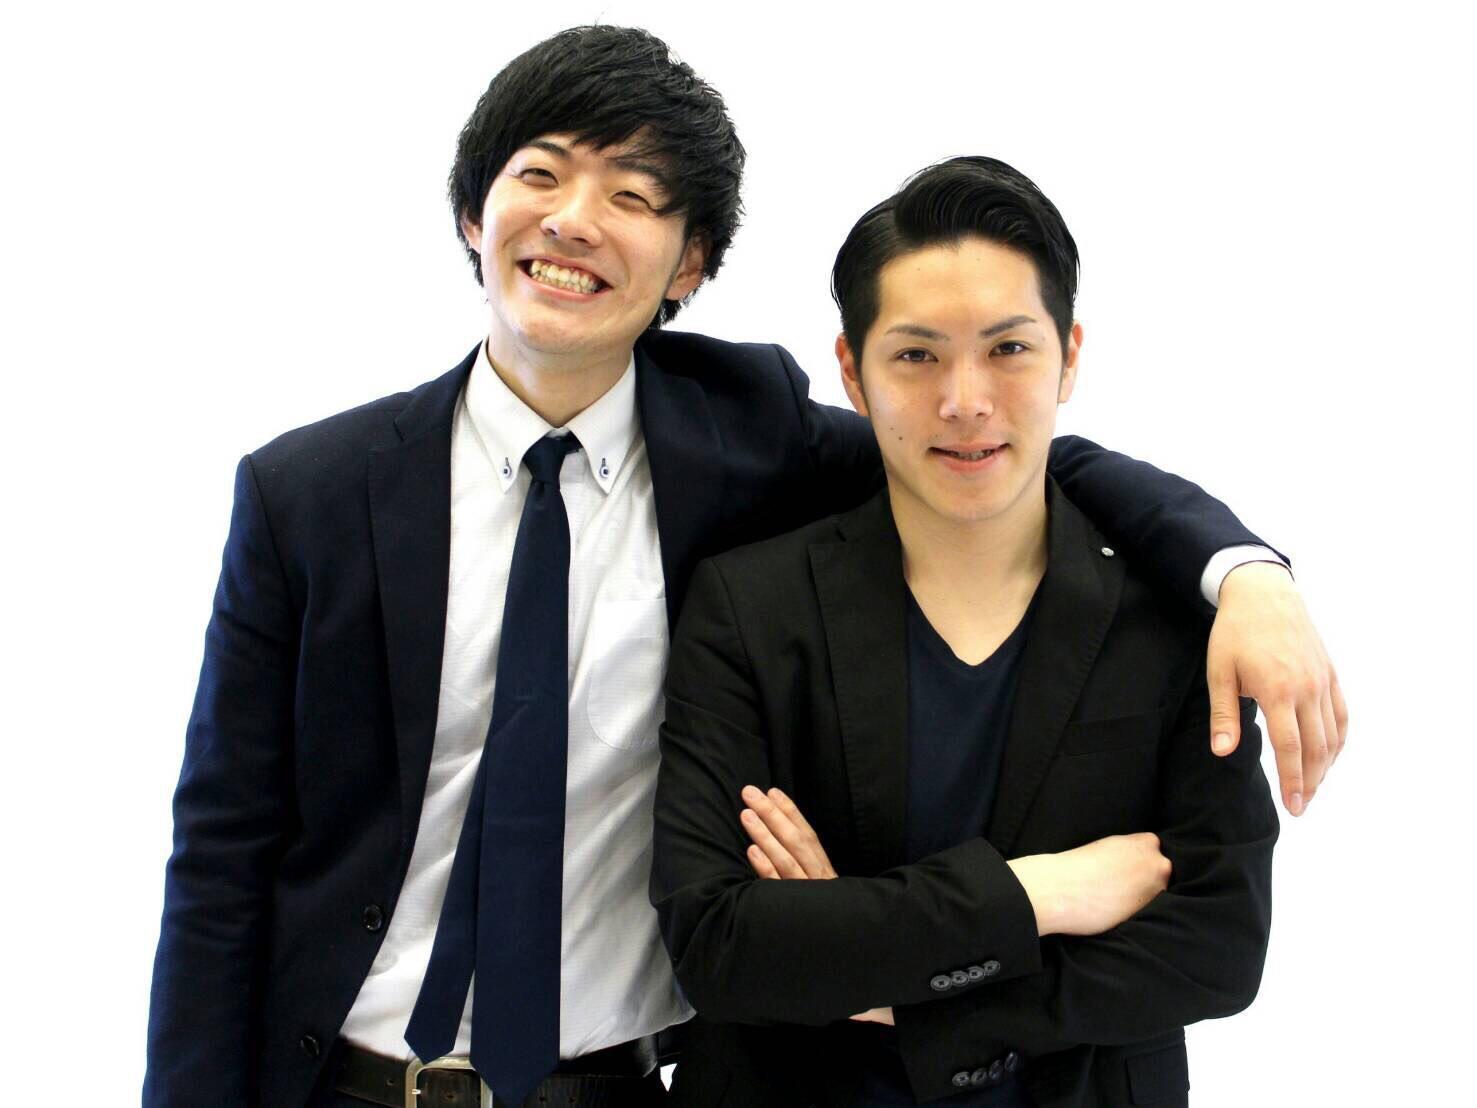 http://news.yoshimoto.co.jp/20170331115752-35510fb32ac08af57ffba9e1a04bc2251c8c291b.jpg